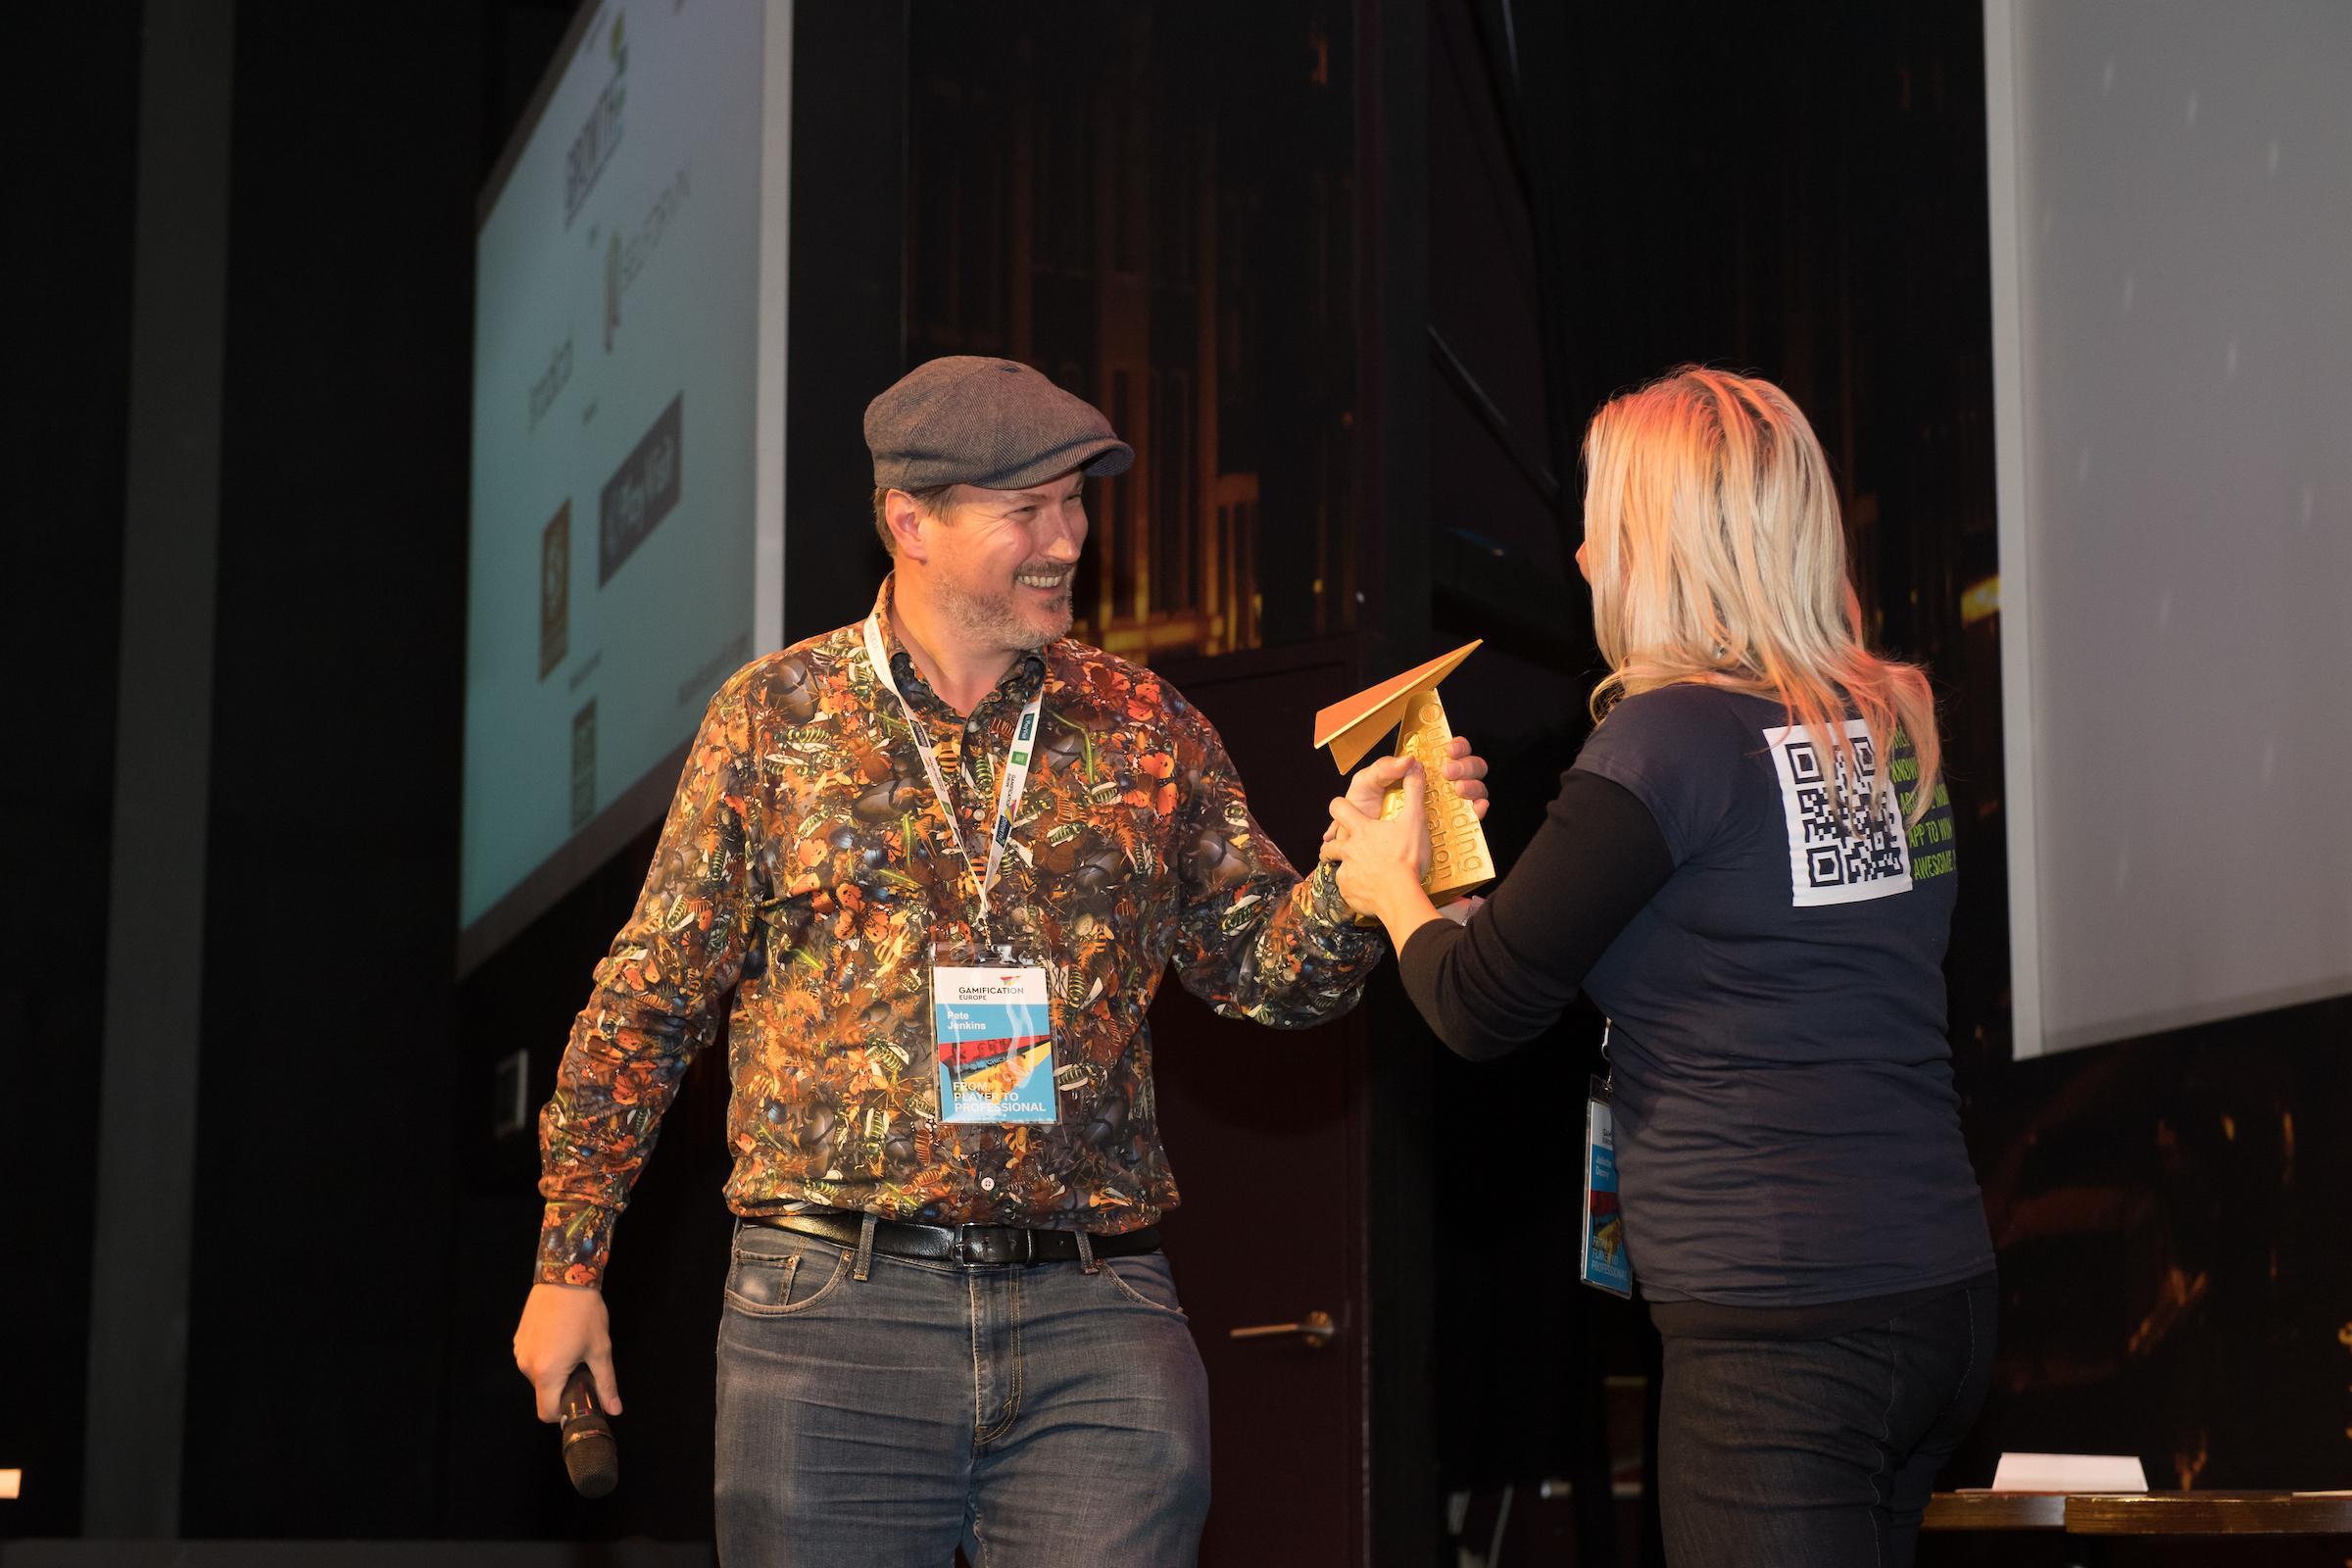 Handing over an award.